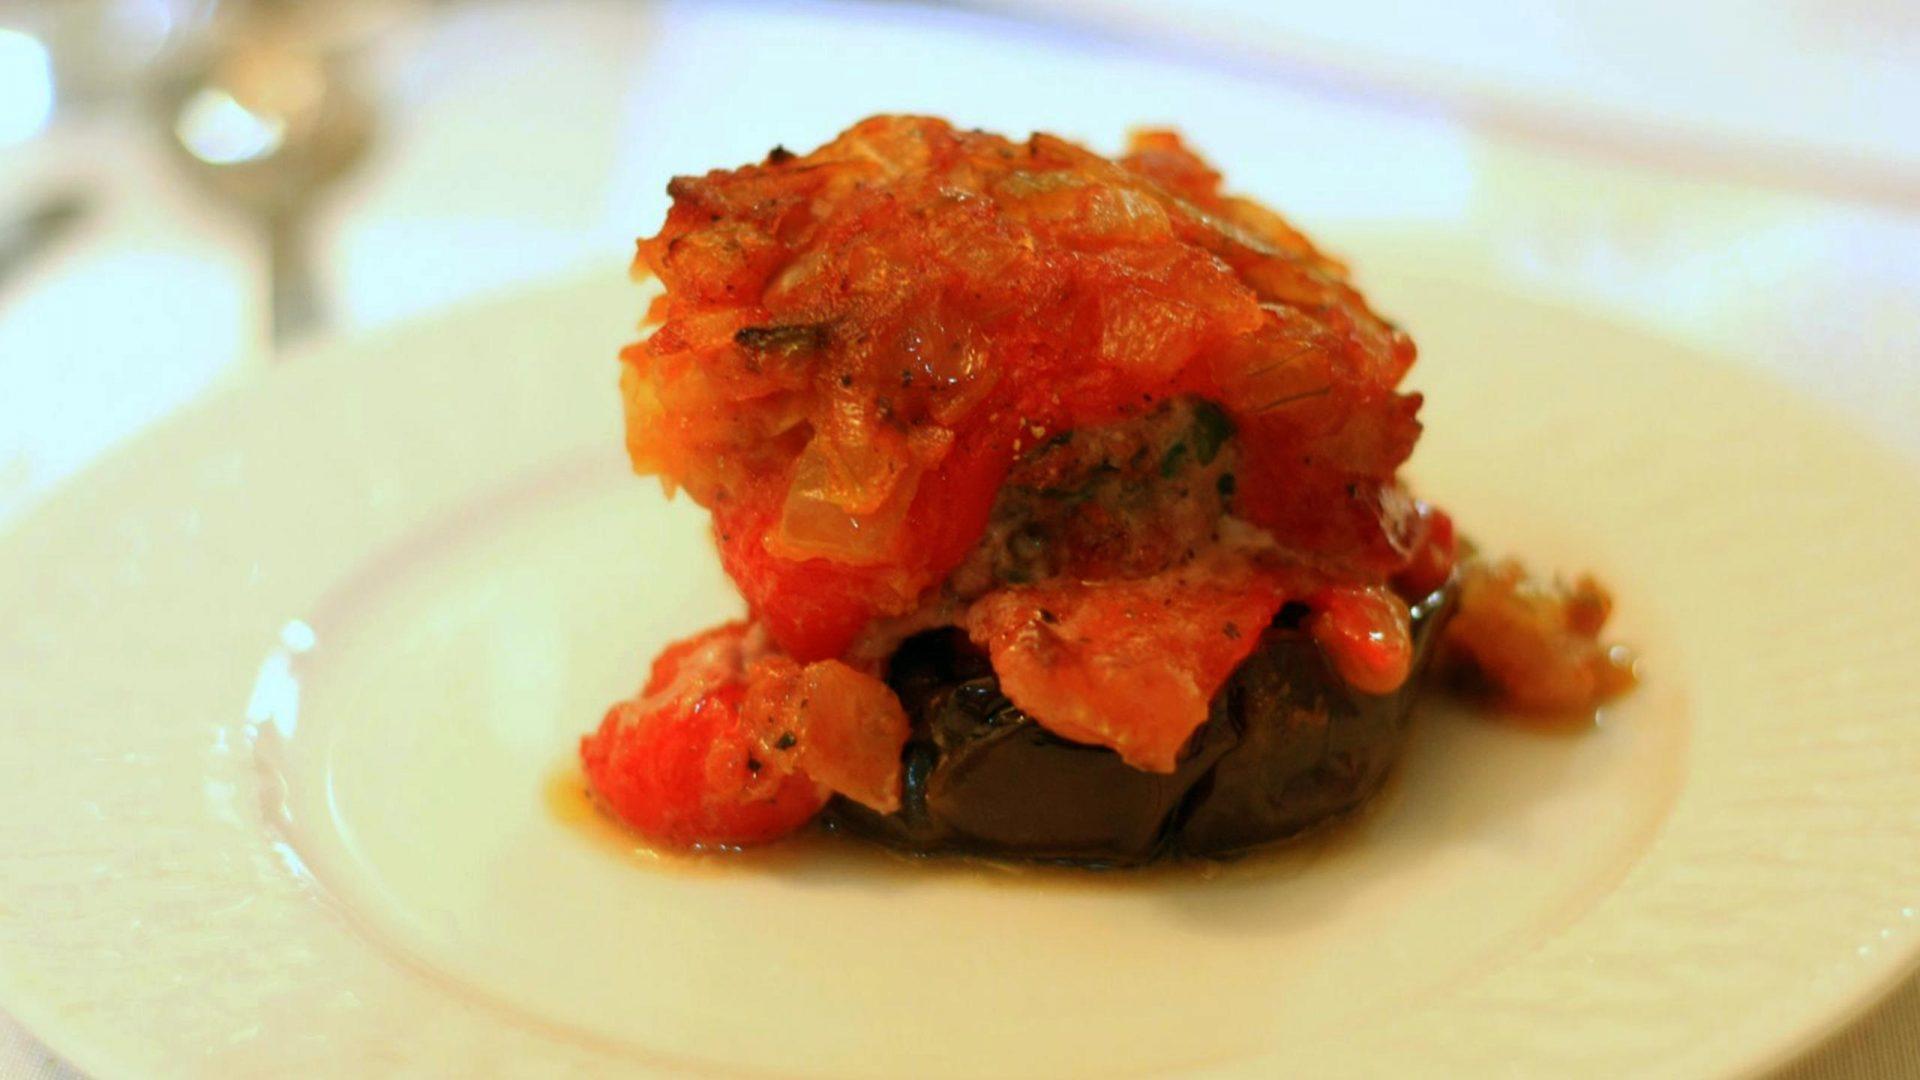 חציל פלפל וירקות אופייניים ליוון עם קבבוני טלה